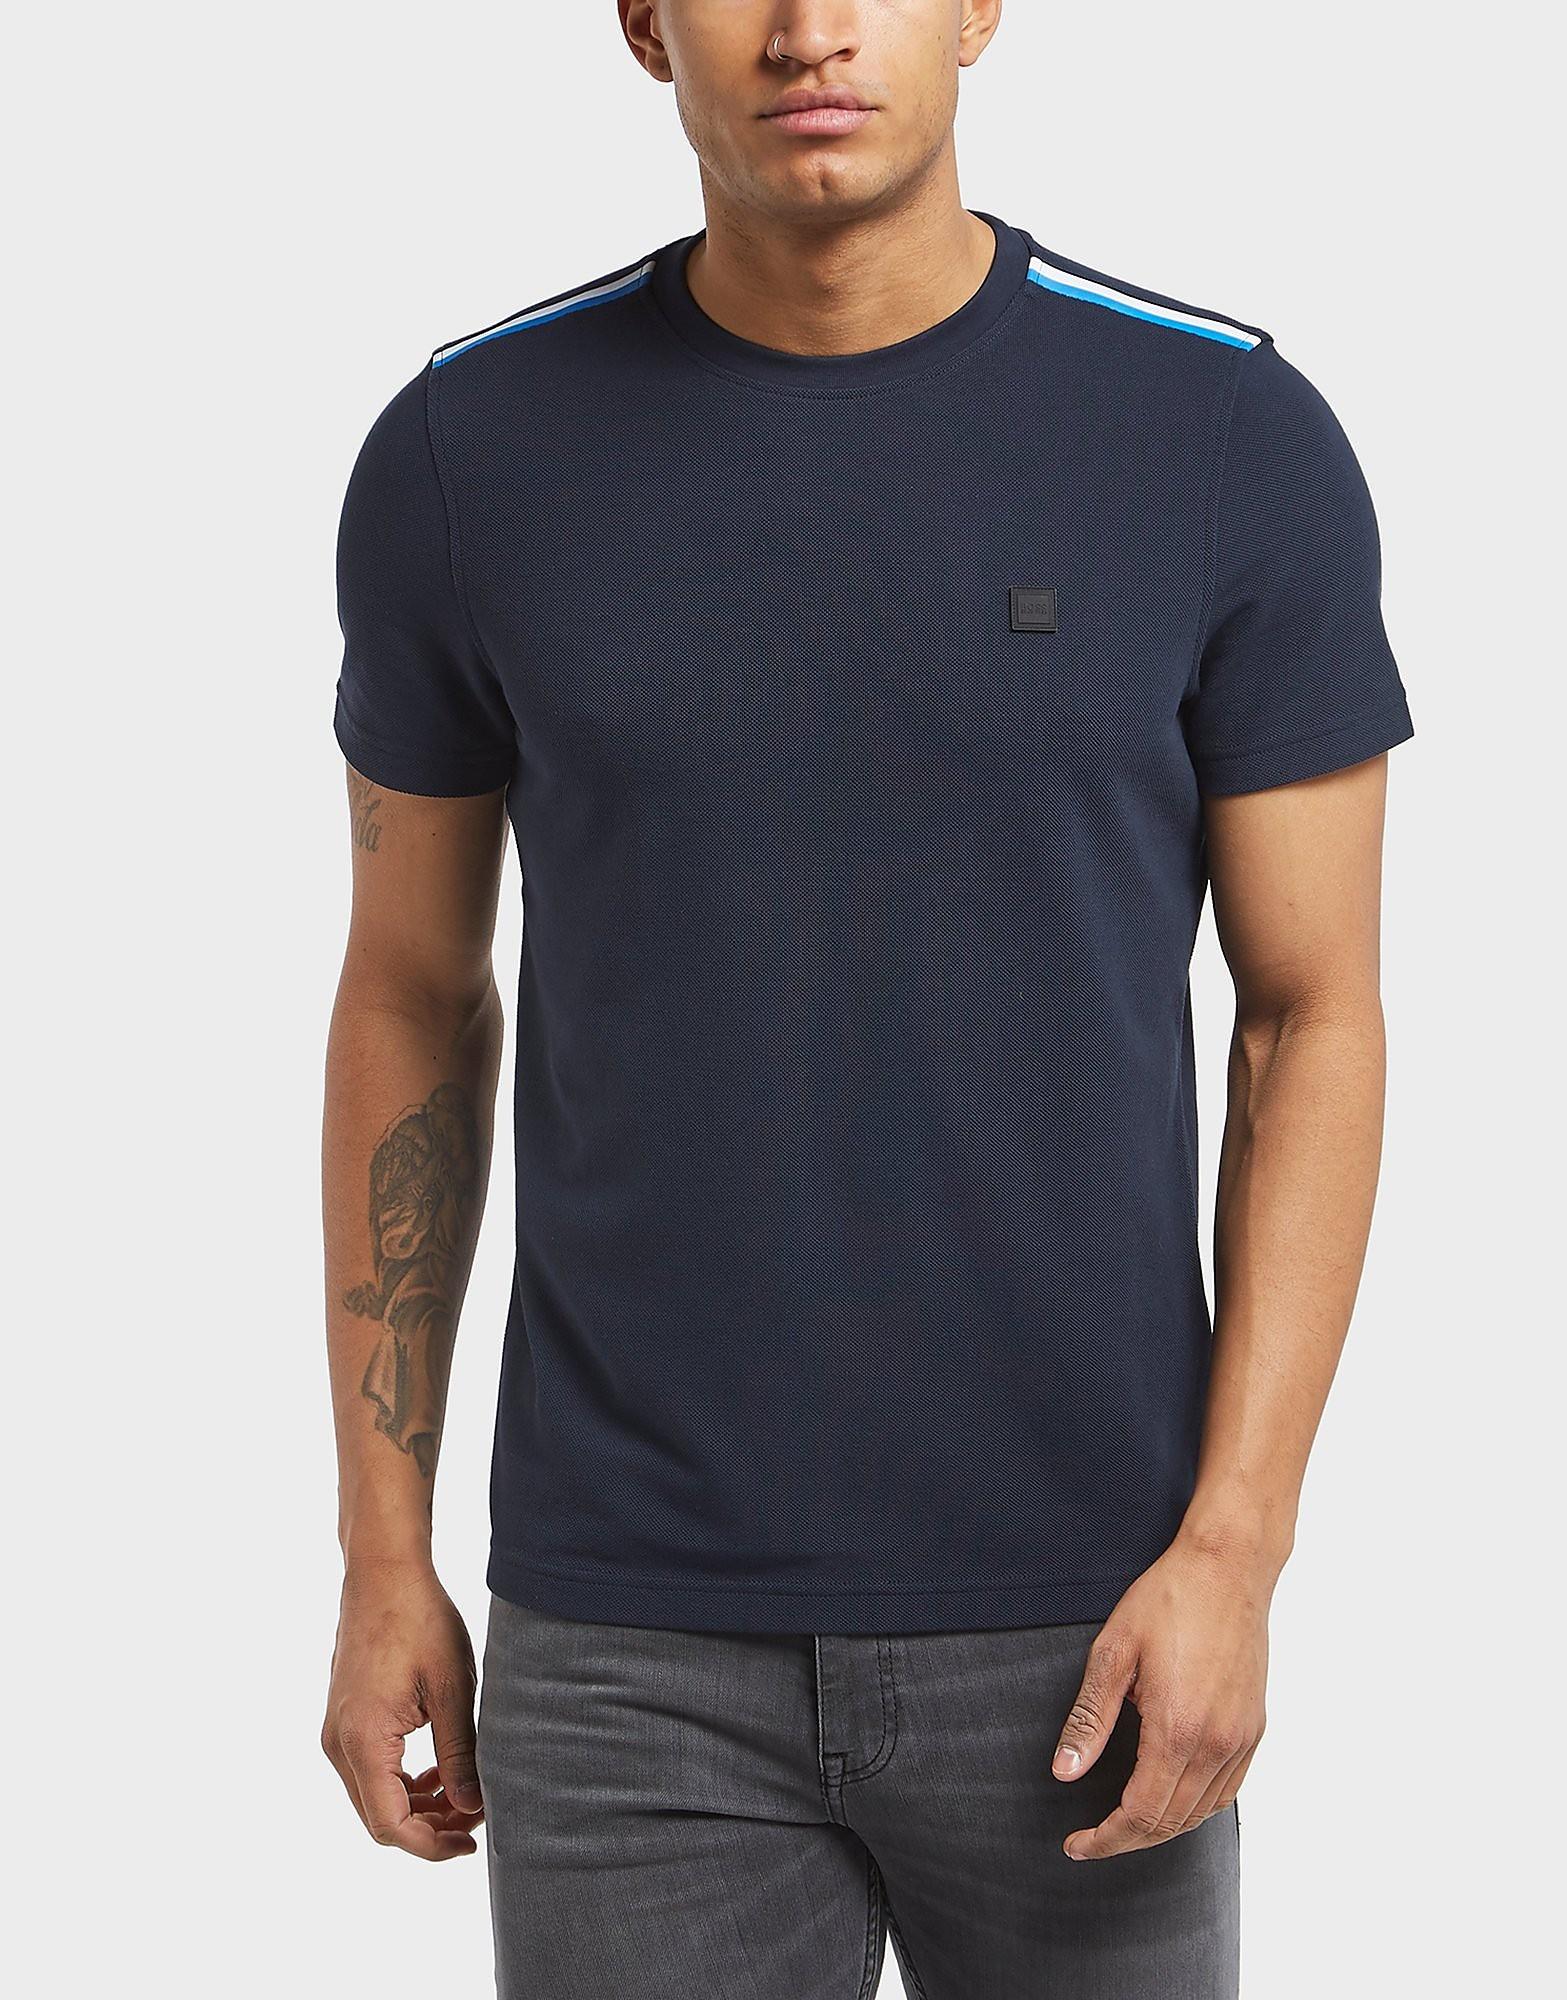 BOSS Tomcat Short Sleeve T-Shirt